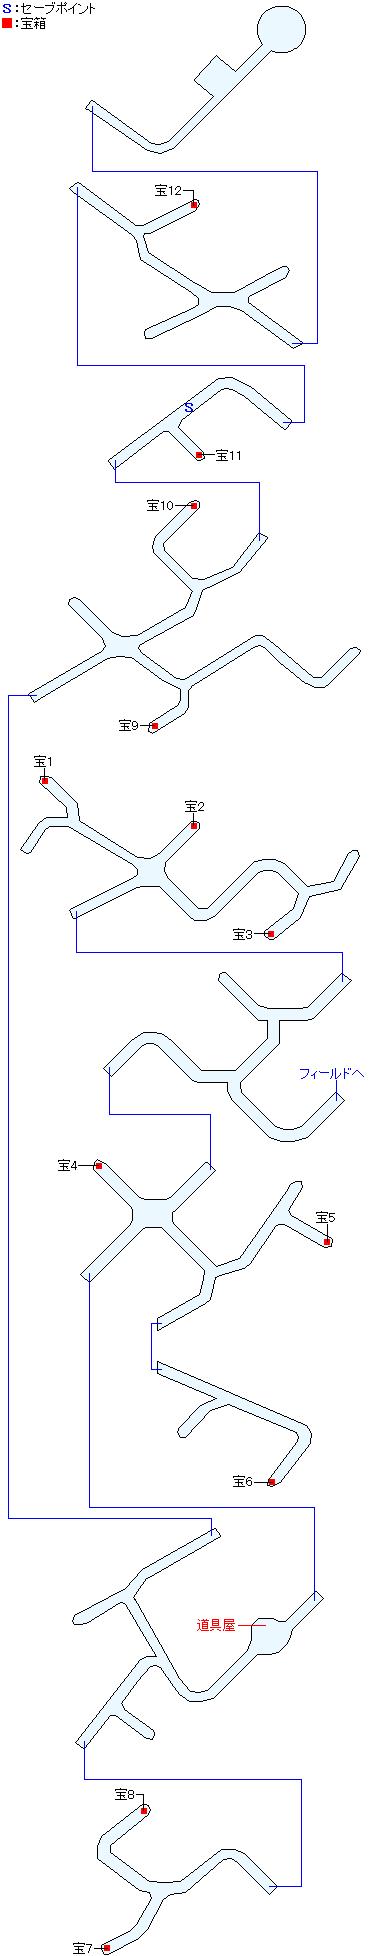 マップ画像・ガルポスジャングル